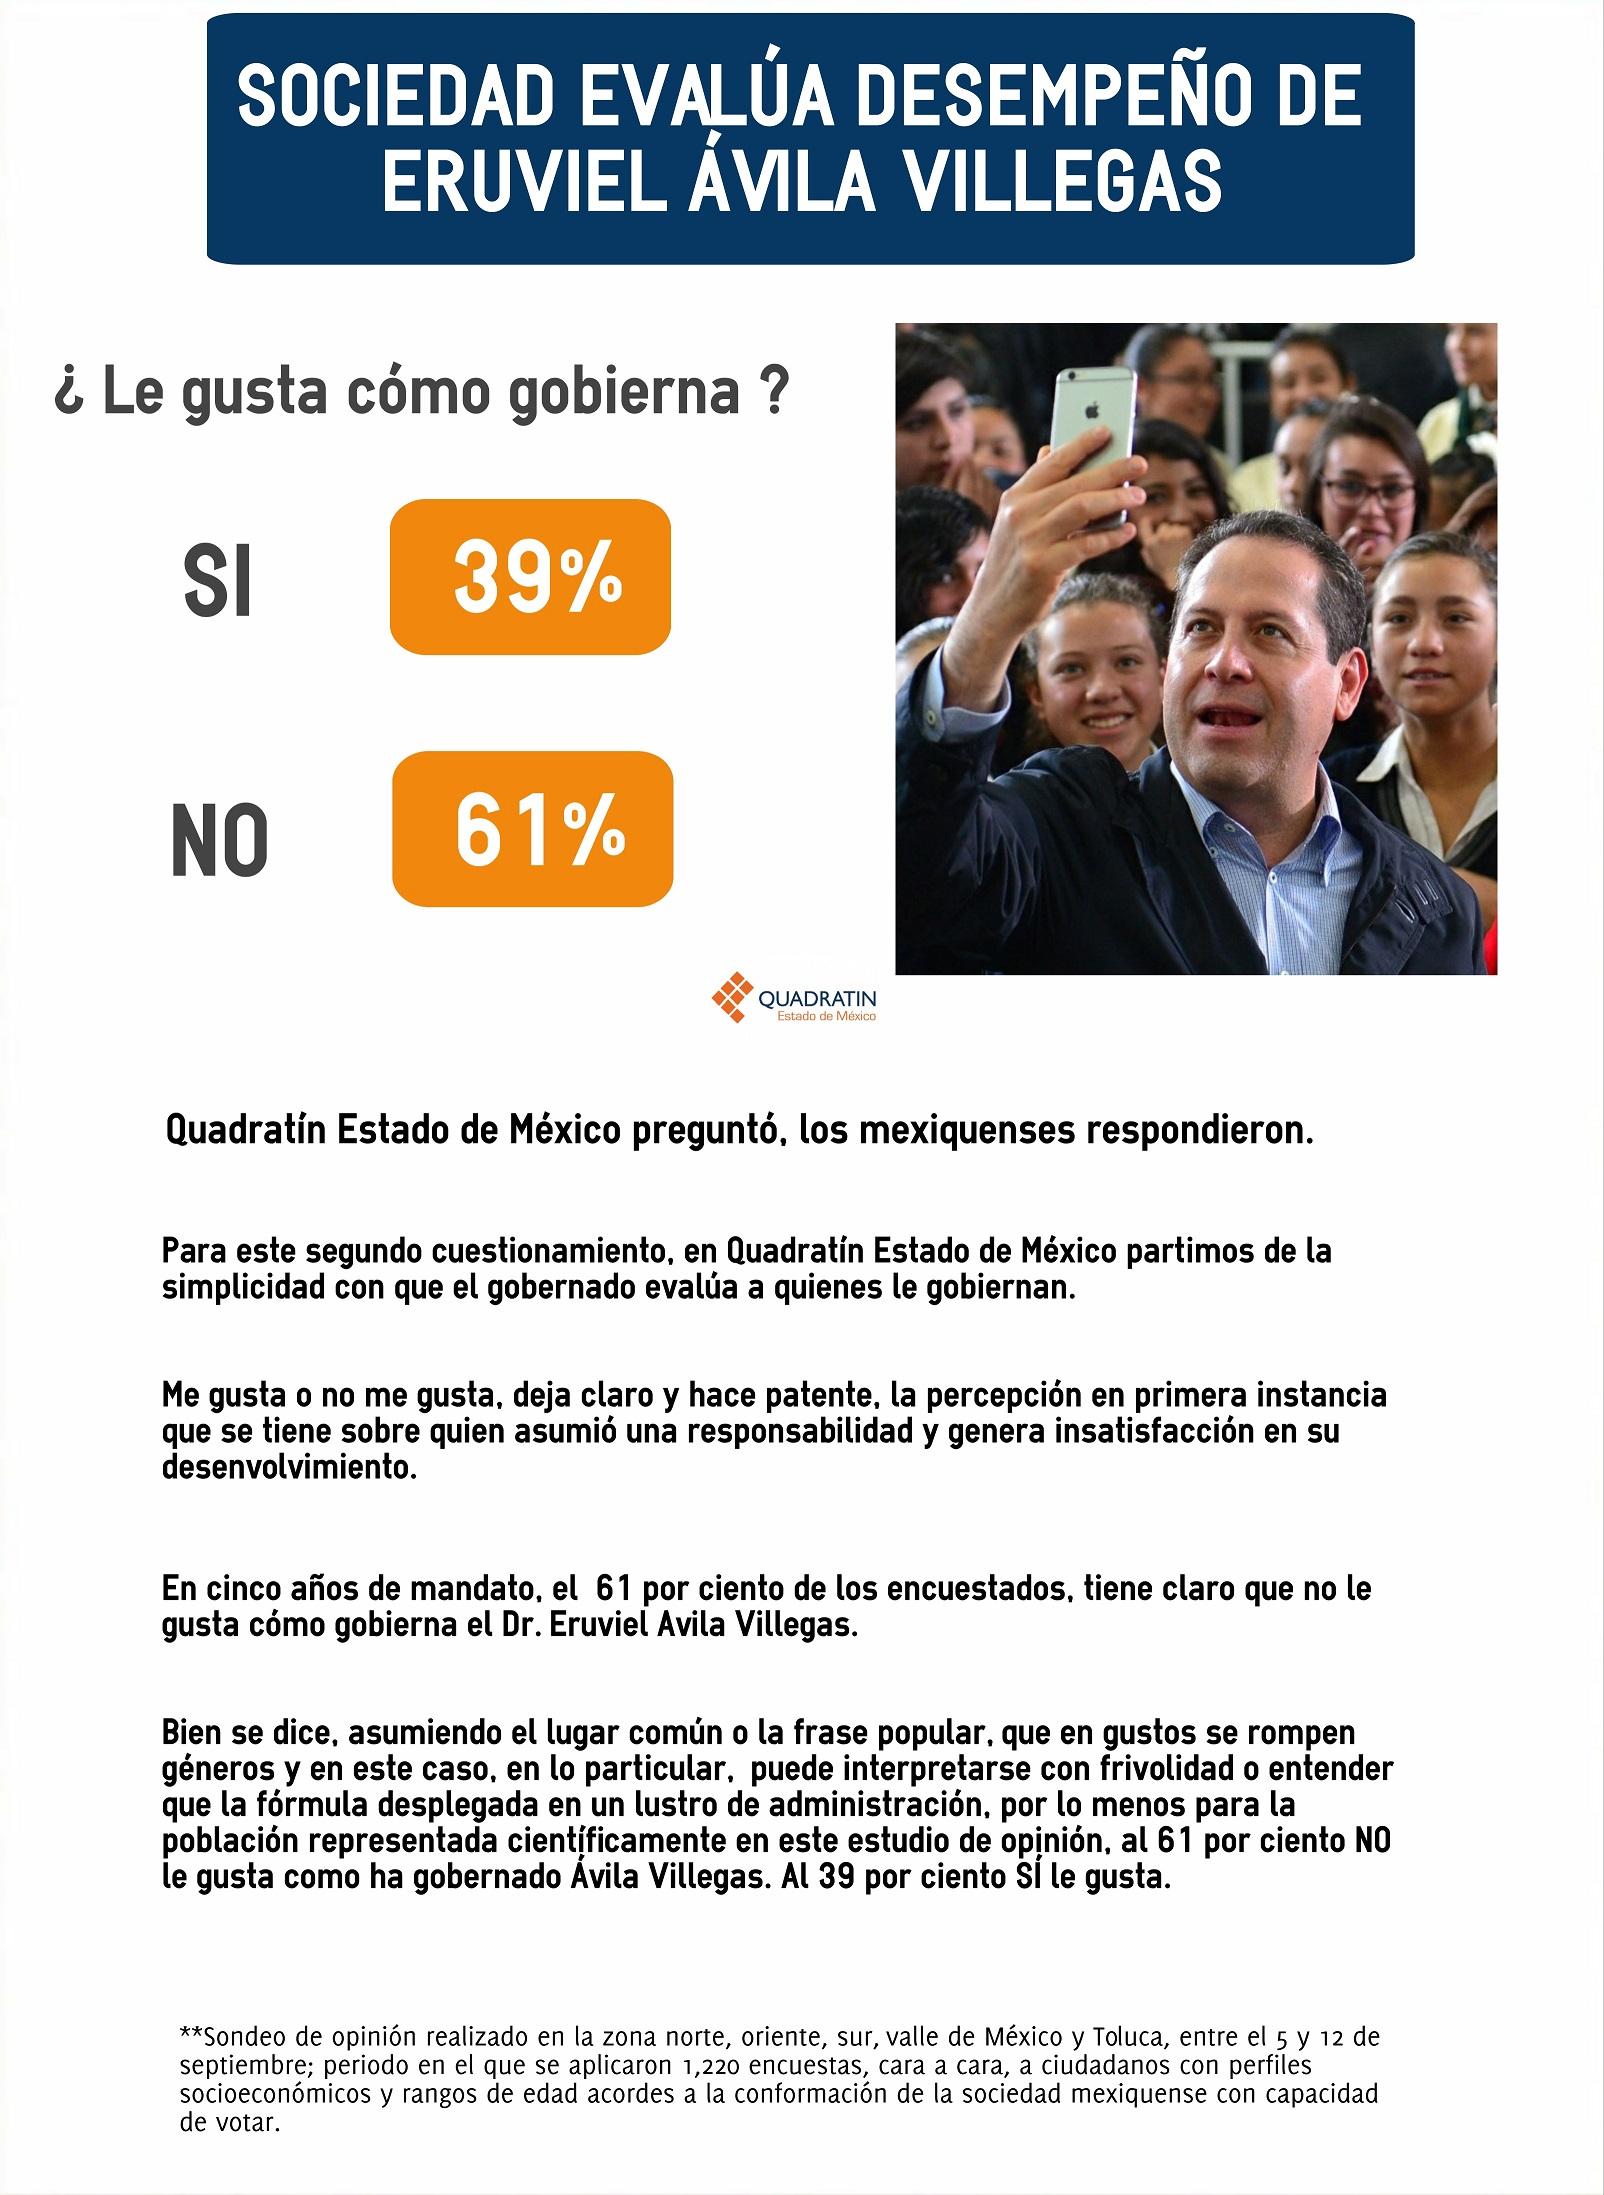 Ciudadanos evalúan a Eruviel Ávila